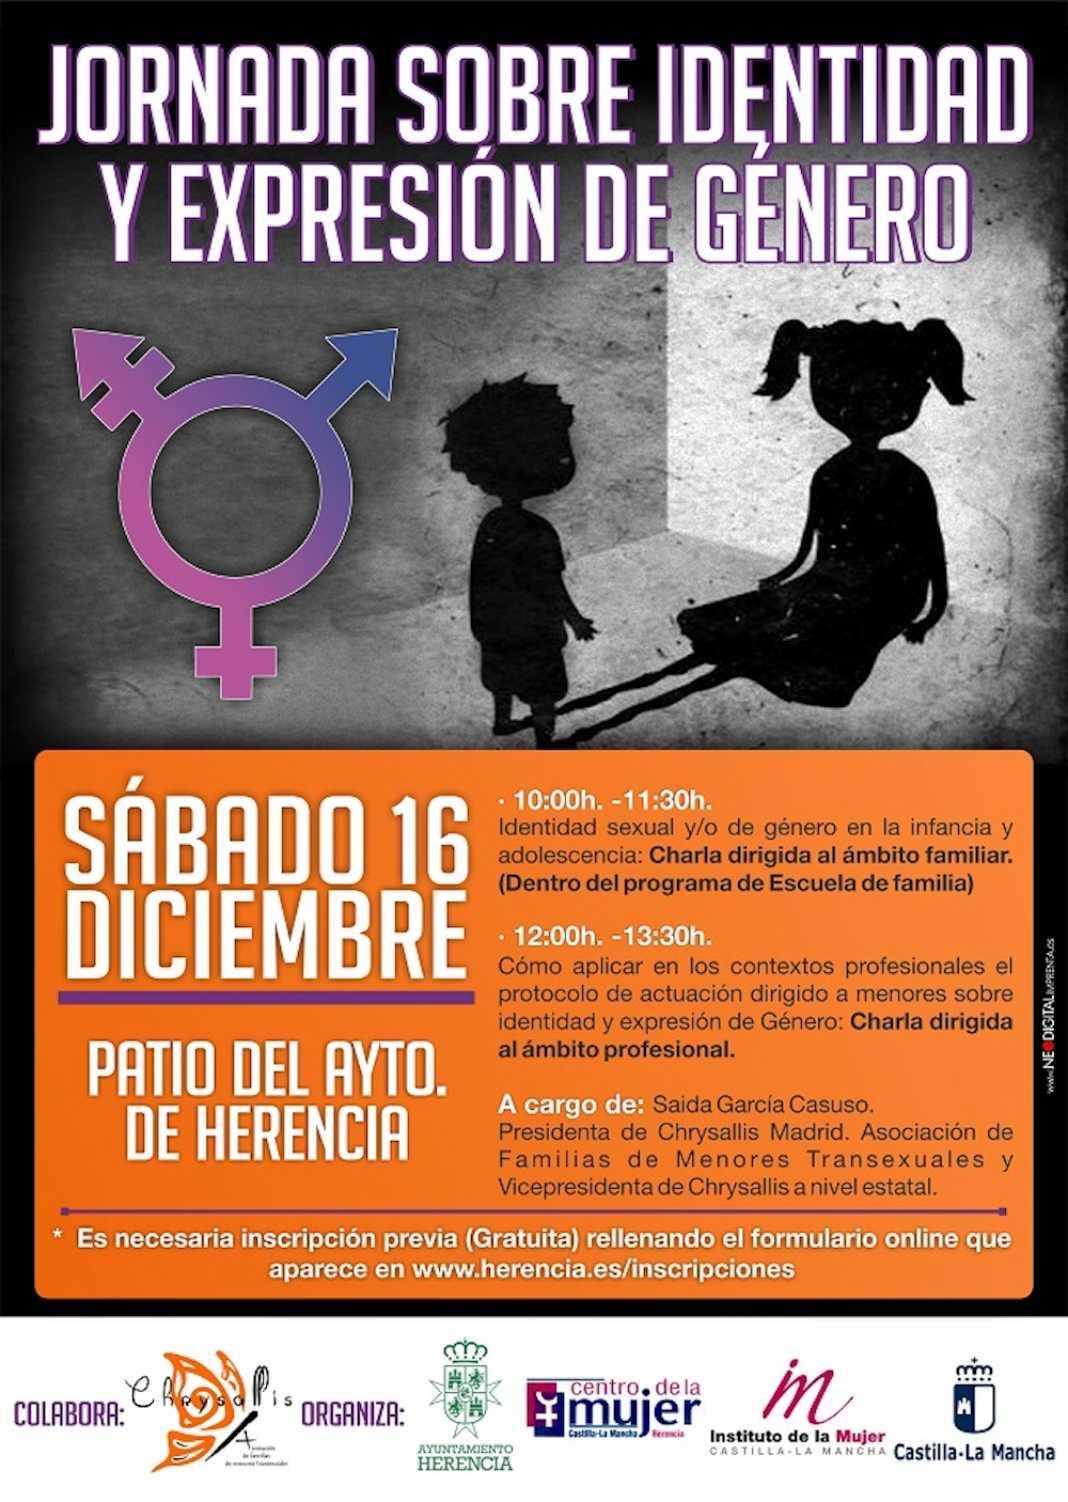 Jornadas sobre identidad y expresión de género en Herencia 4